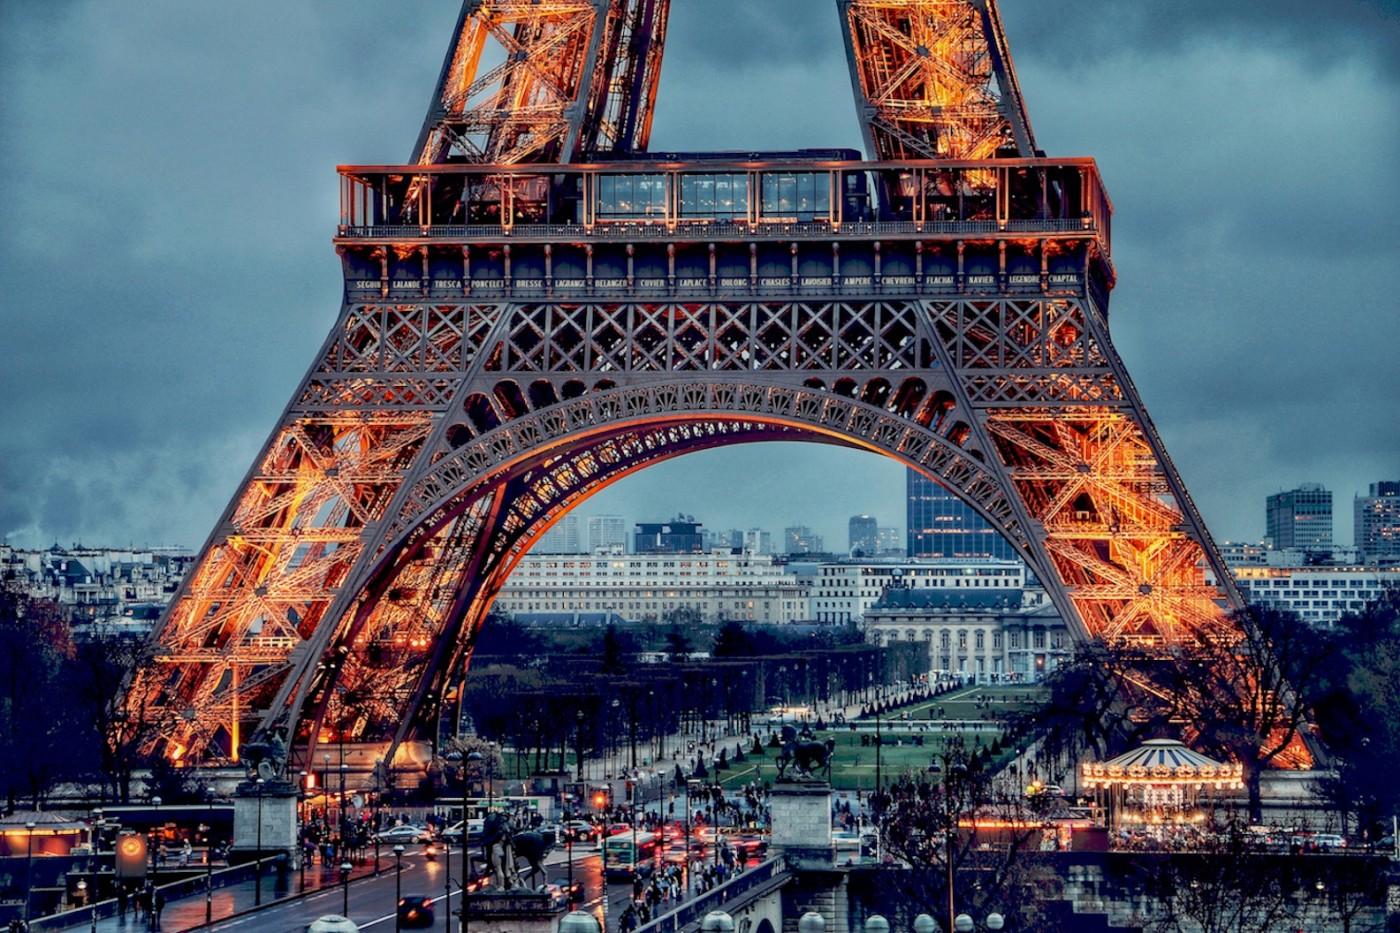 Google、蘋果等巨頭將受波及!法國推數位服務稅,預估2019年徵收5億歐元